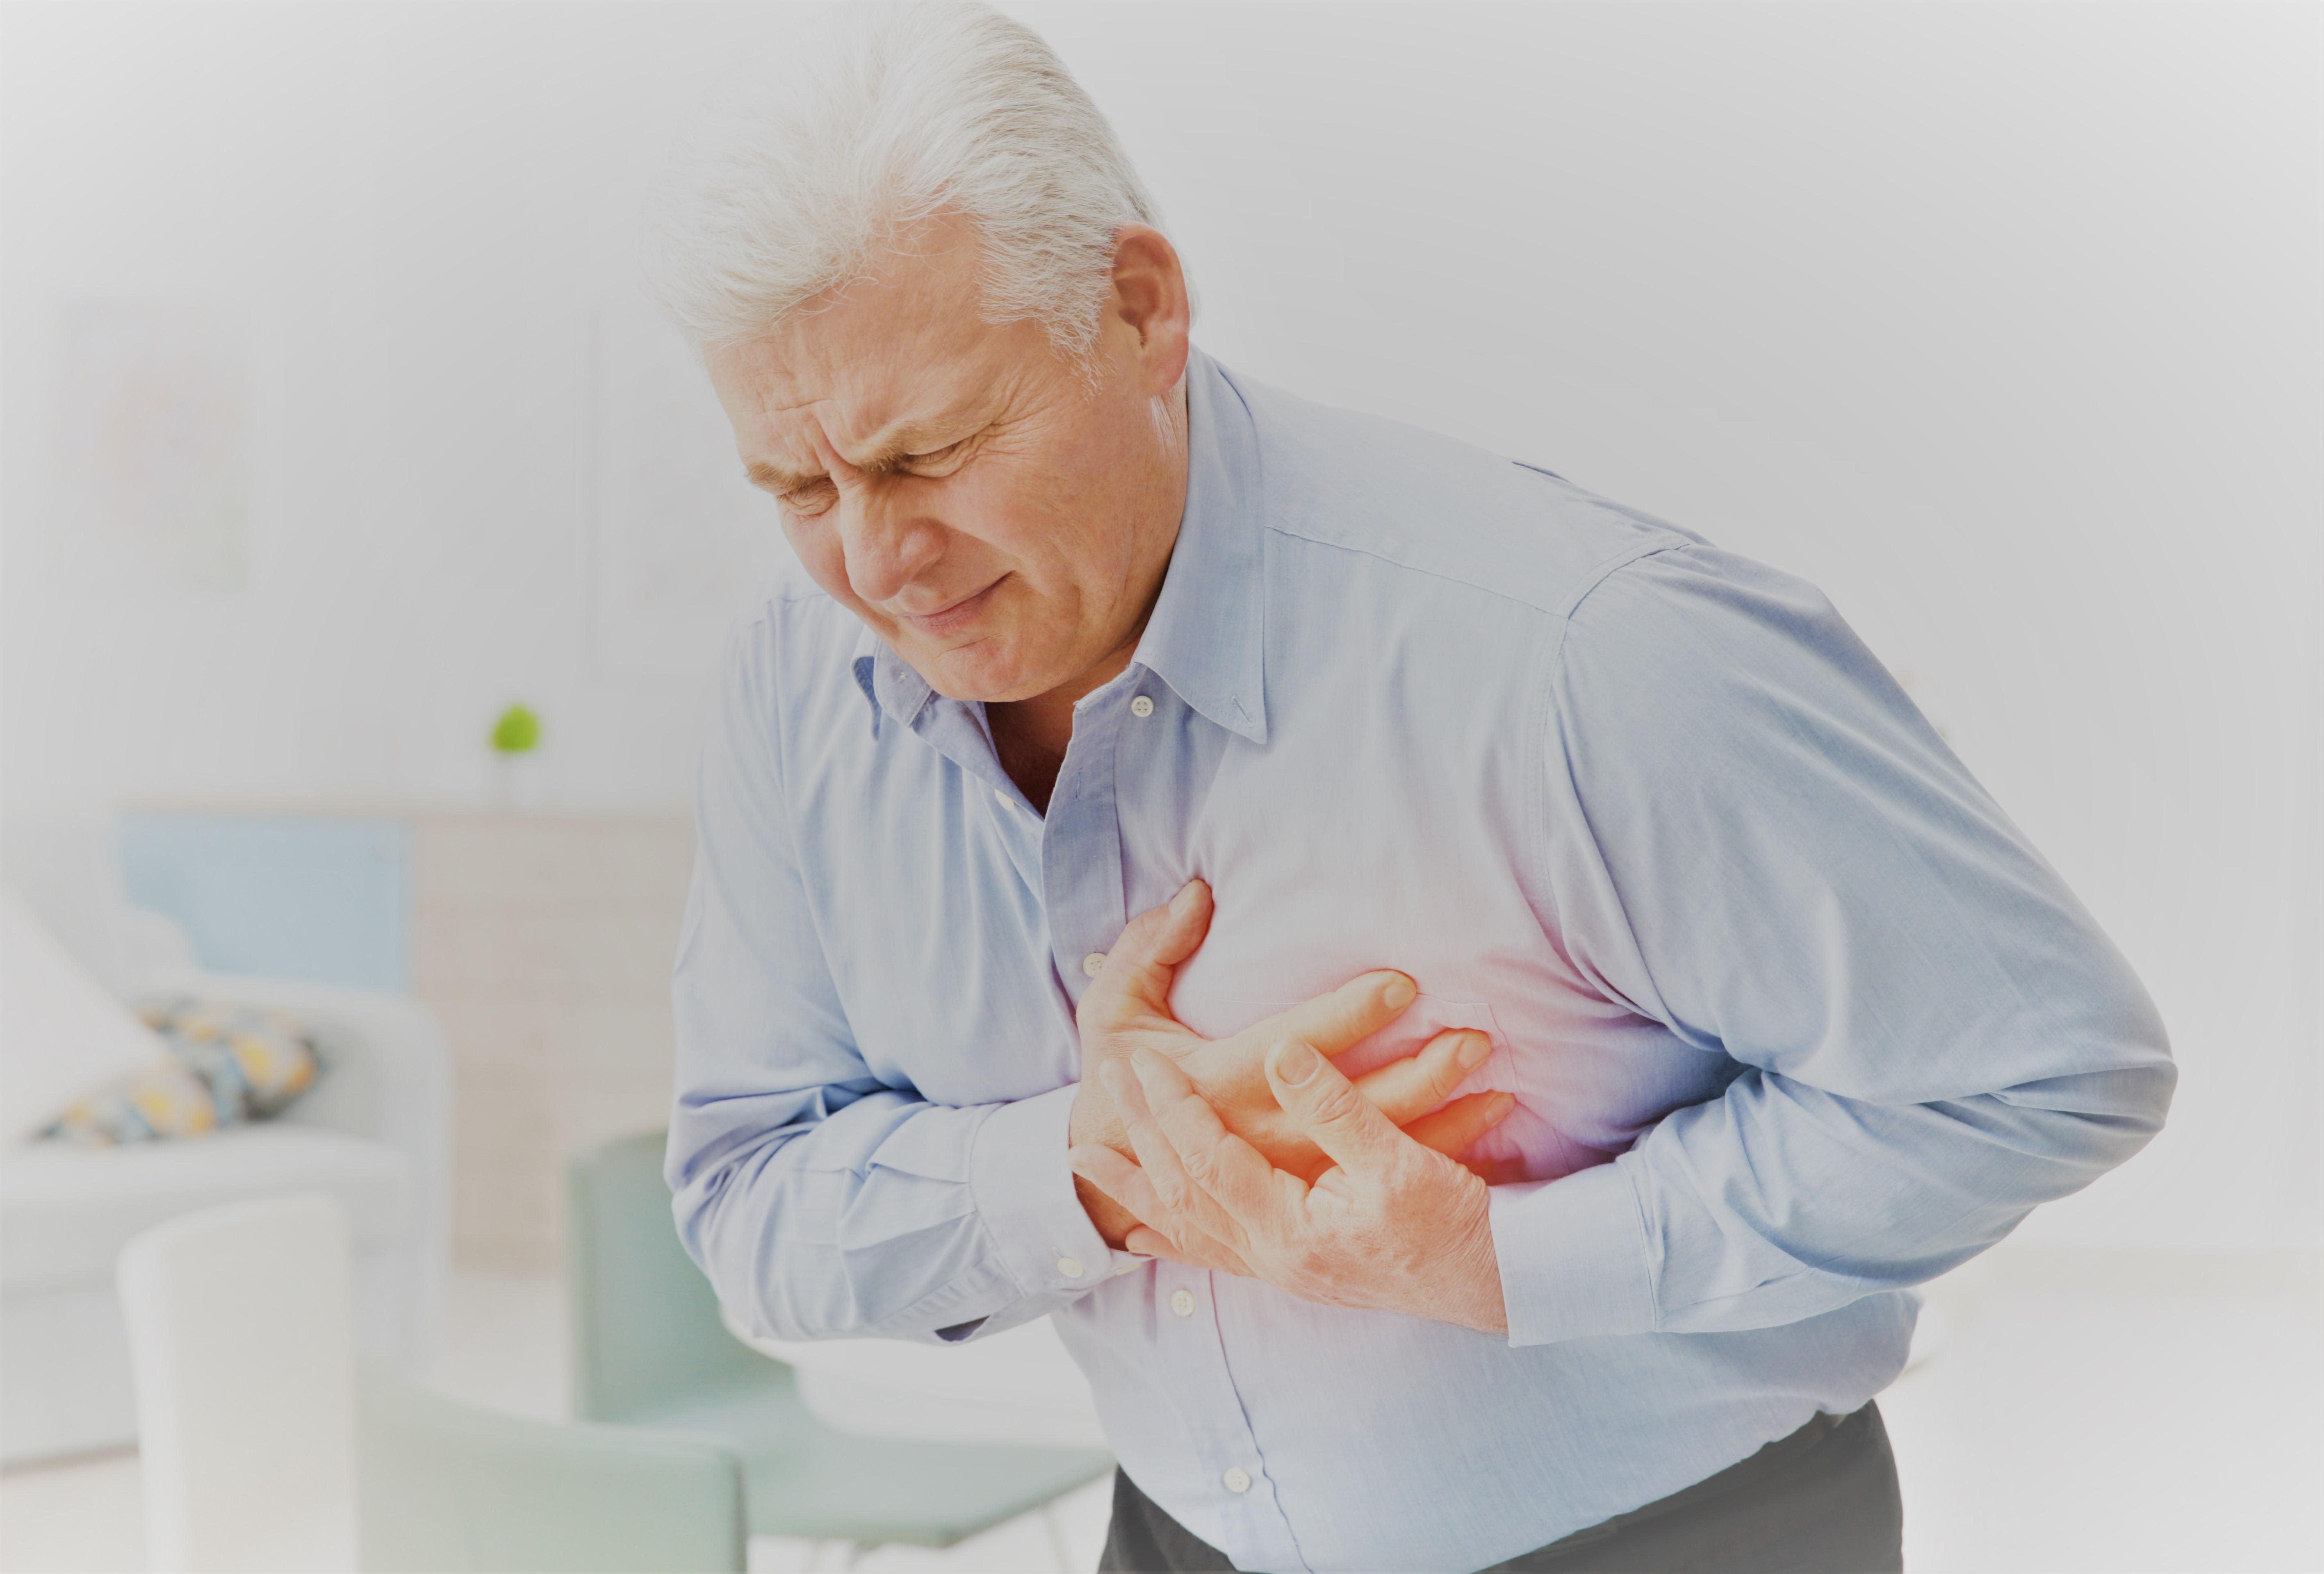 fájdalom a könyök ízületeiben felhúzás után